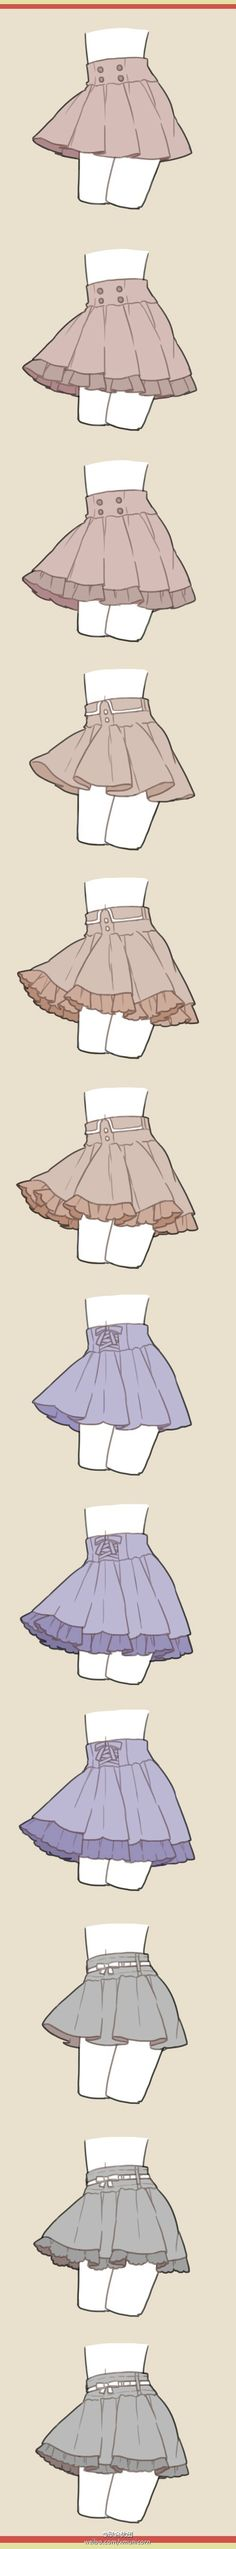 Como dibujar faldas